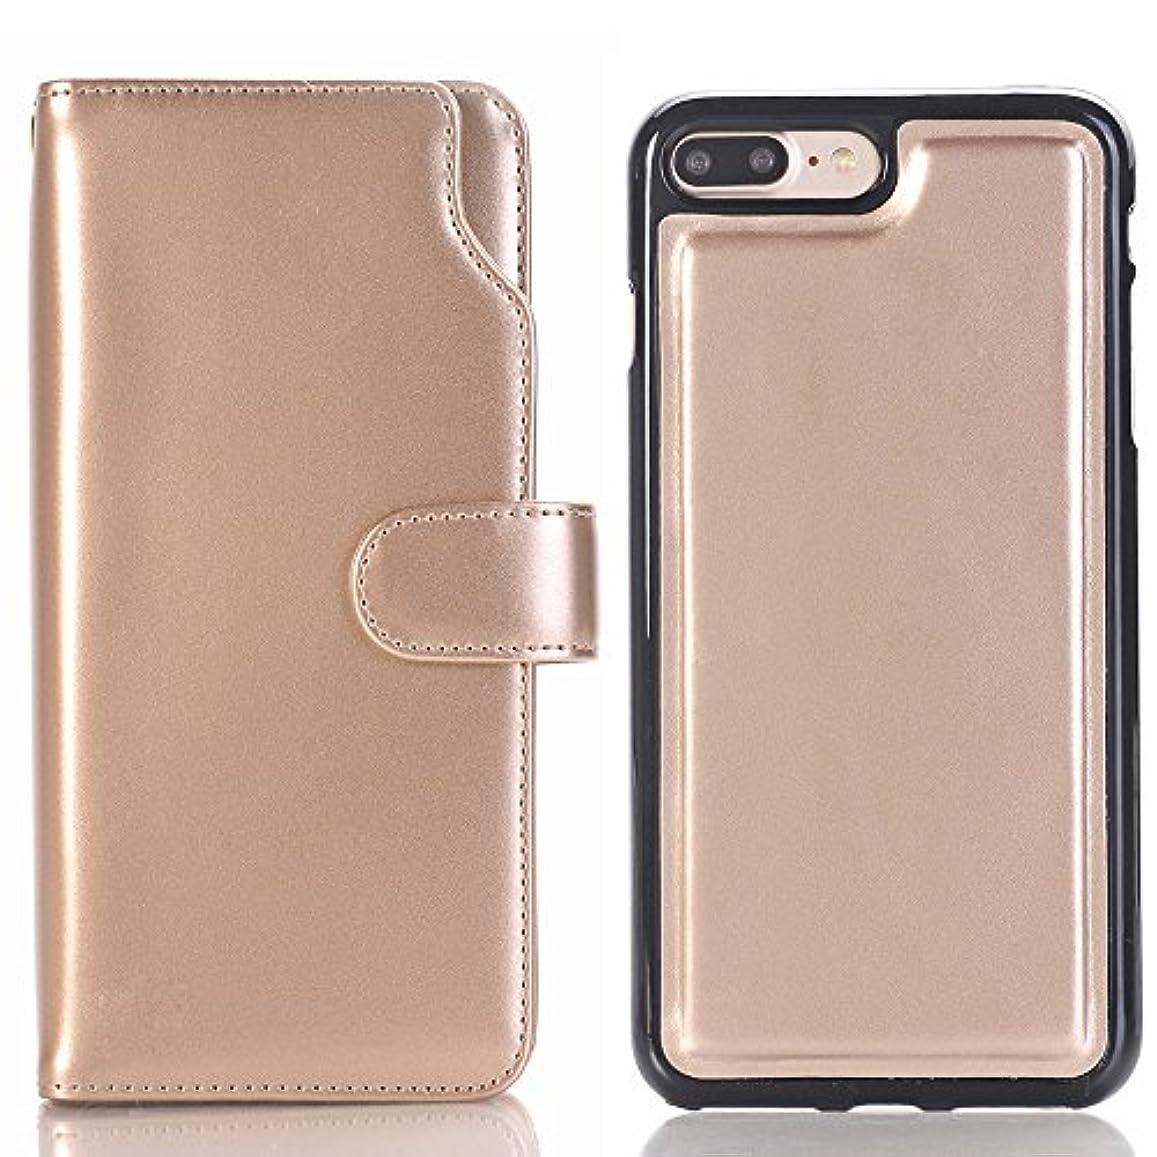 封筒似ているバウンドiPhone 6 Plus ケース 分離可能、SIMPLE DO 良質レザー おしゃれデザイン カード収納 傷つけ防止 業務用(ゴールド)